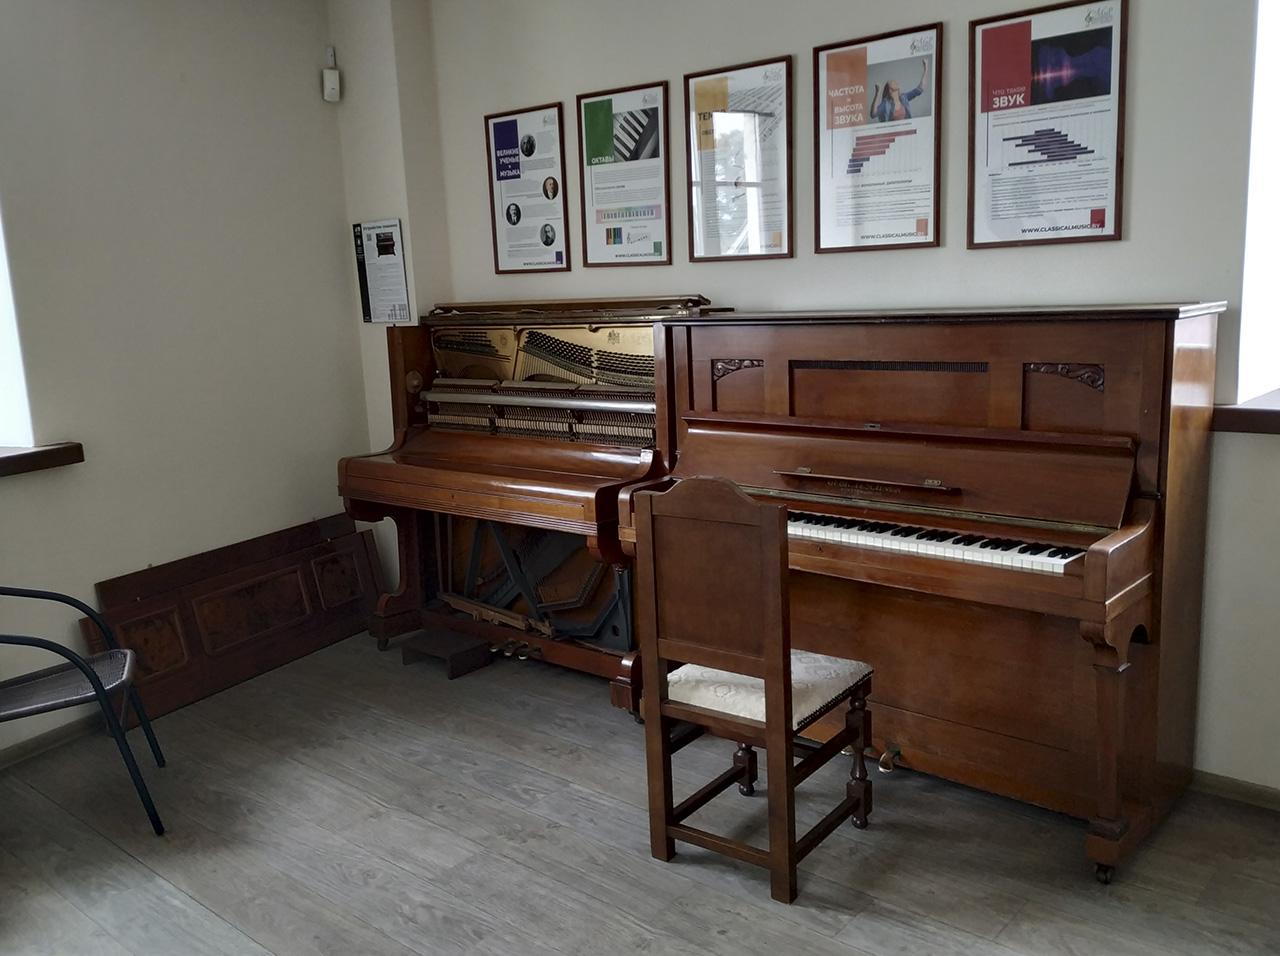 Музыкальный репетиторий 3. Teschner — акустическое пианино Teschner